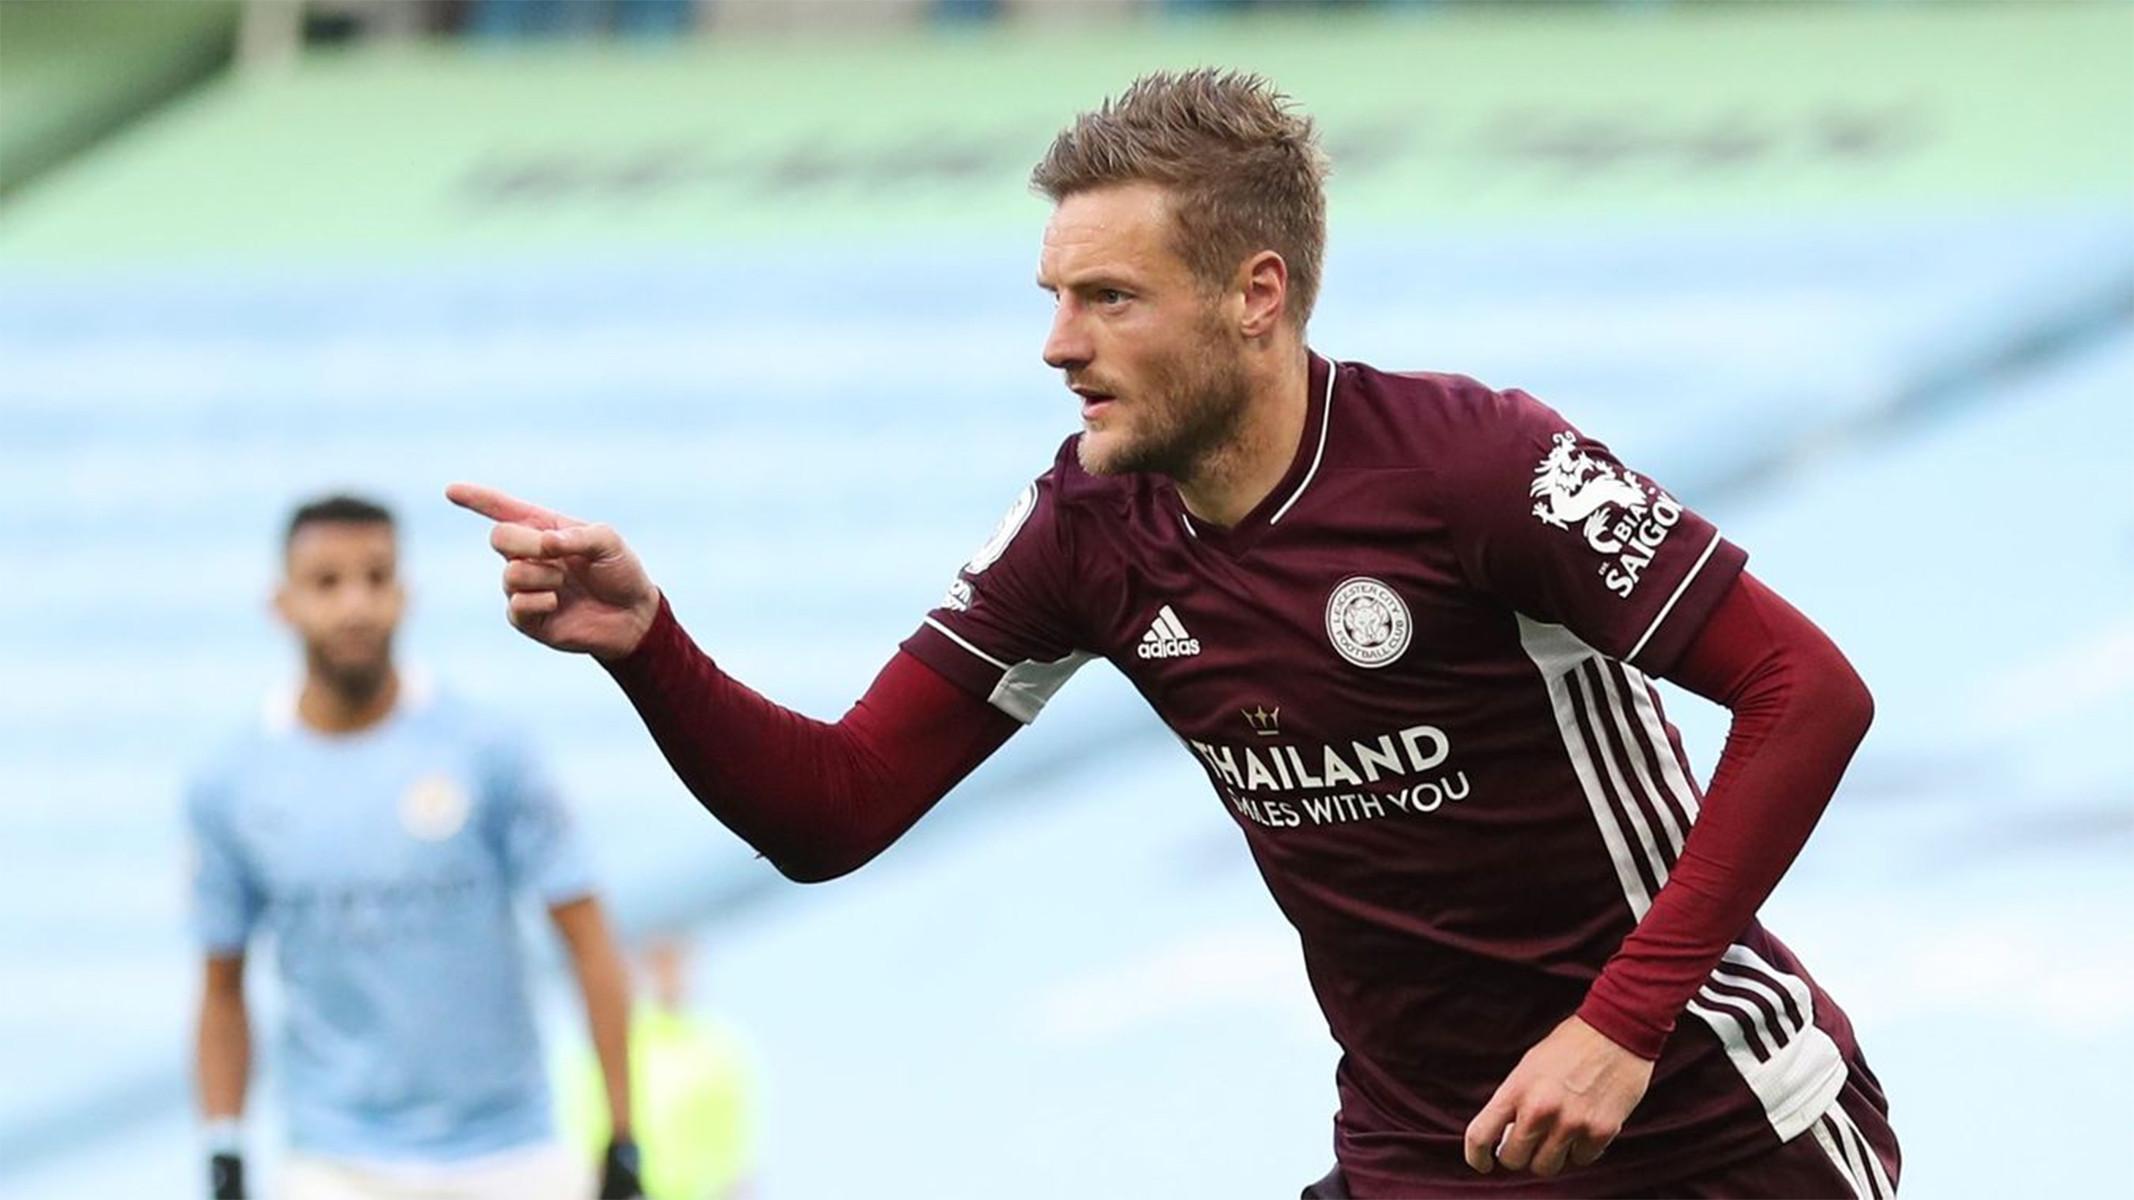 Cek Klasemen Premier League di Sini, Jangan Lupa Ada Pertandingan Besar Dini Hari Nanti - JPNN.com